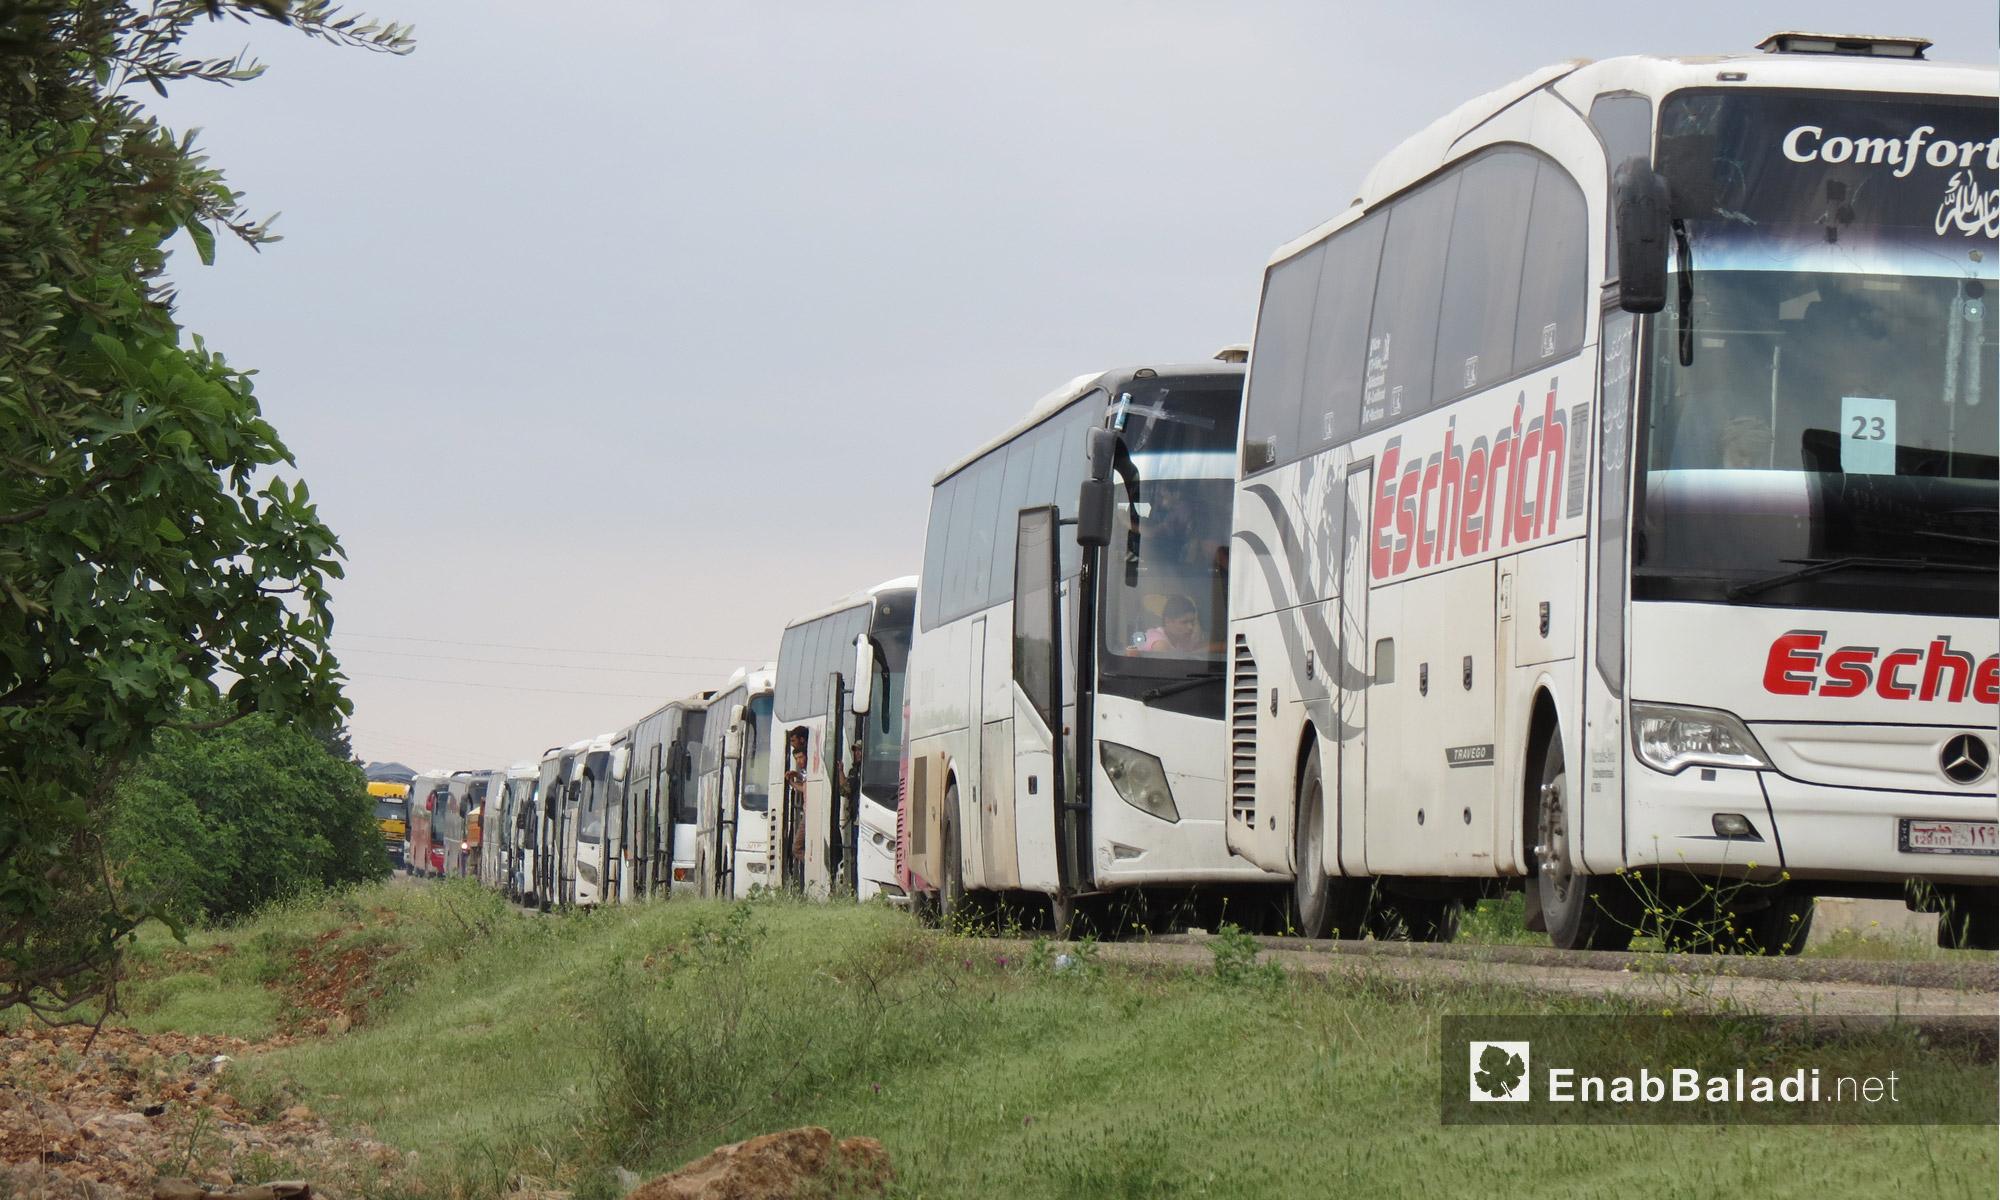 حافلات مهجري الوعر في قرية تل بطال قرب جرابلس شمال حلب - 5 أيار 2017 (عنب بلدي)